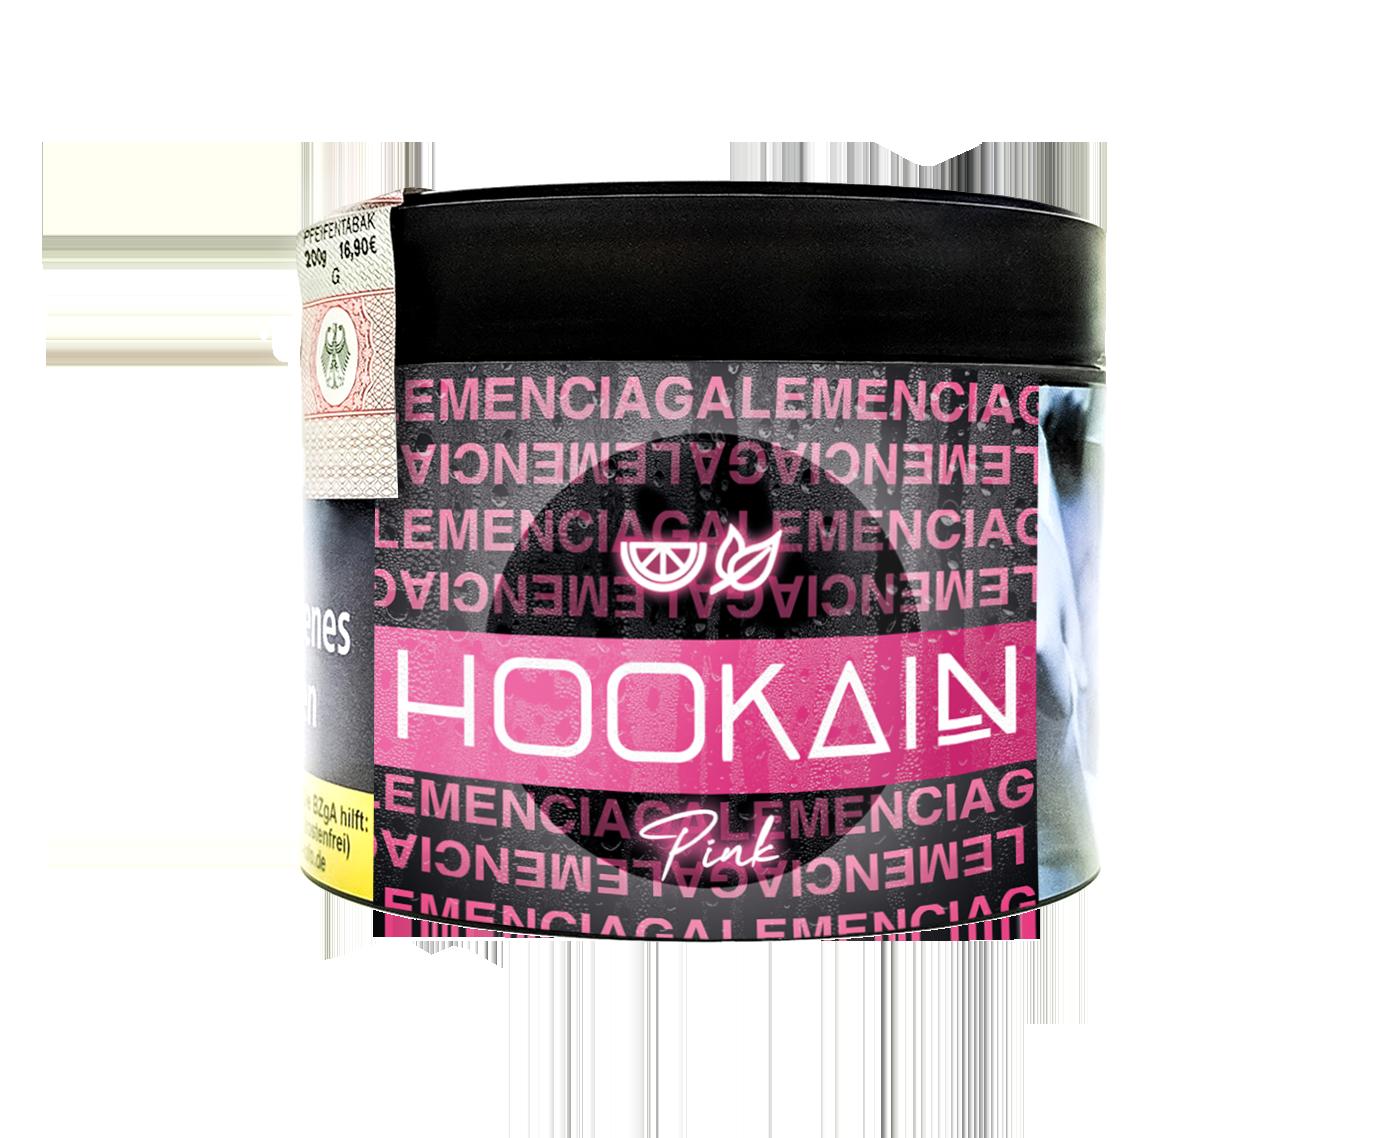 Hookain Tobacco - Pink Lemenciaga 200g